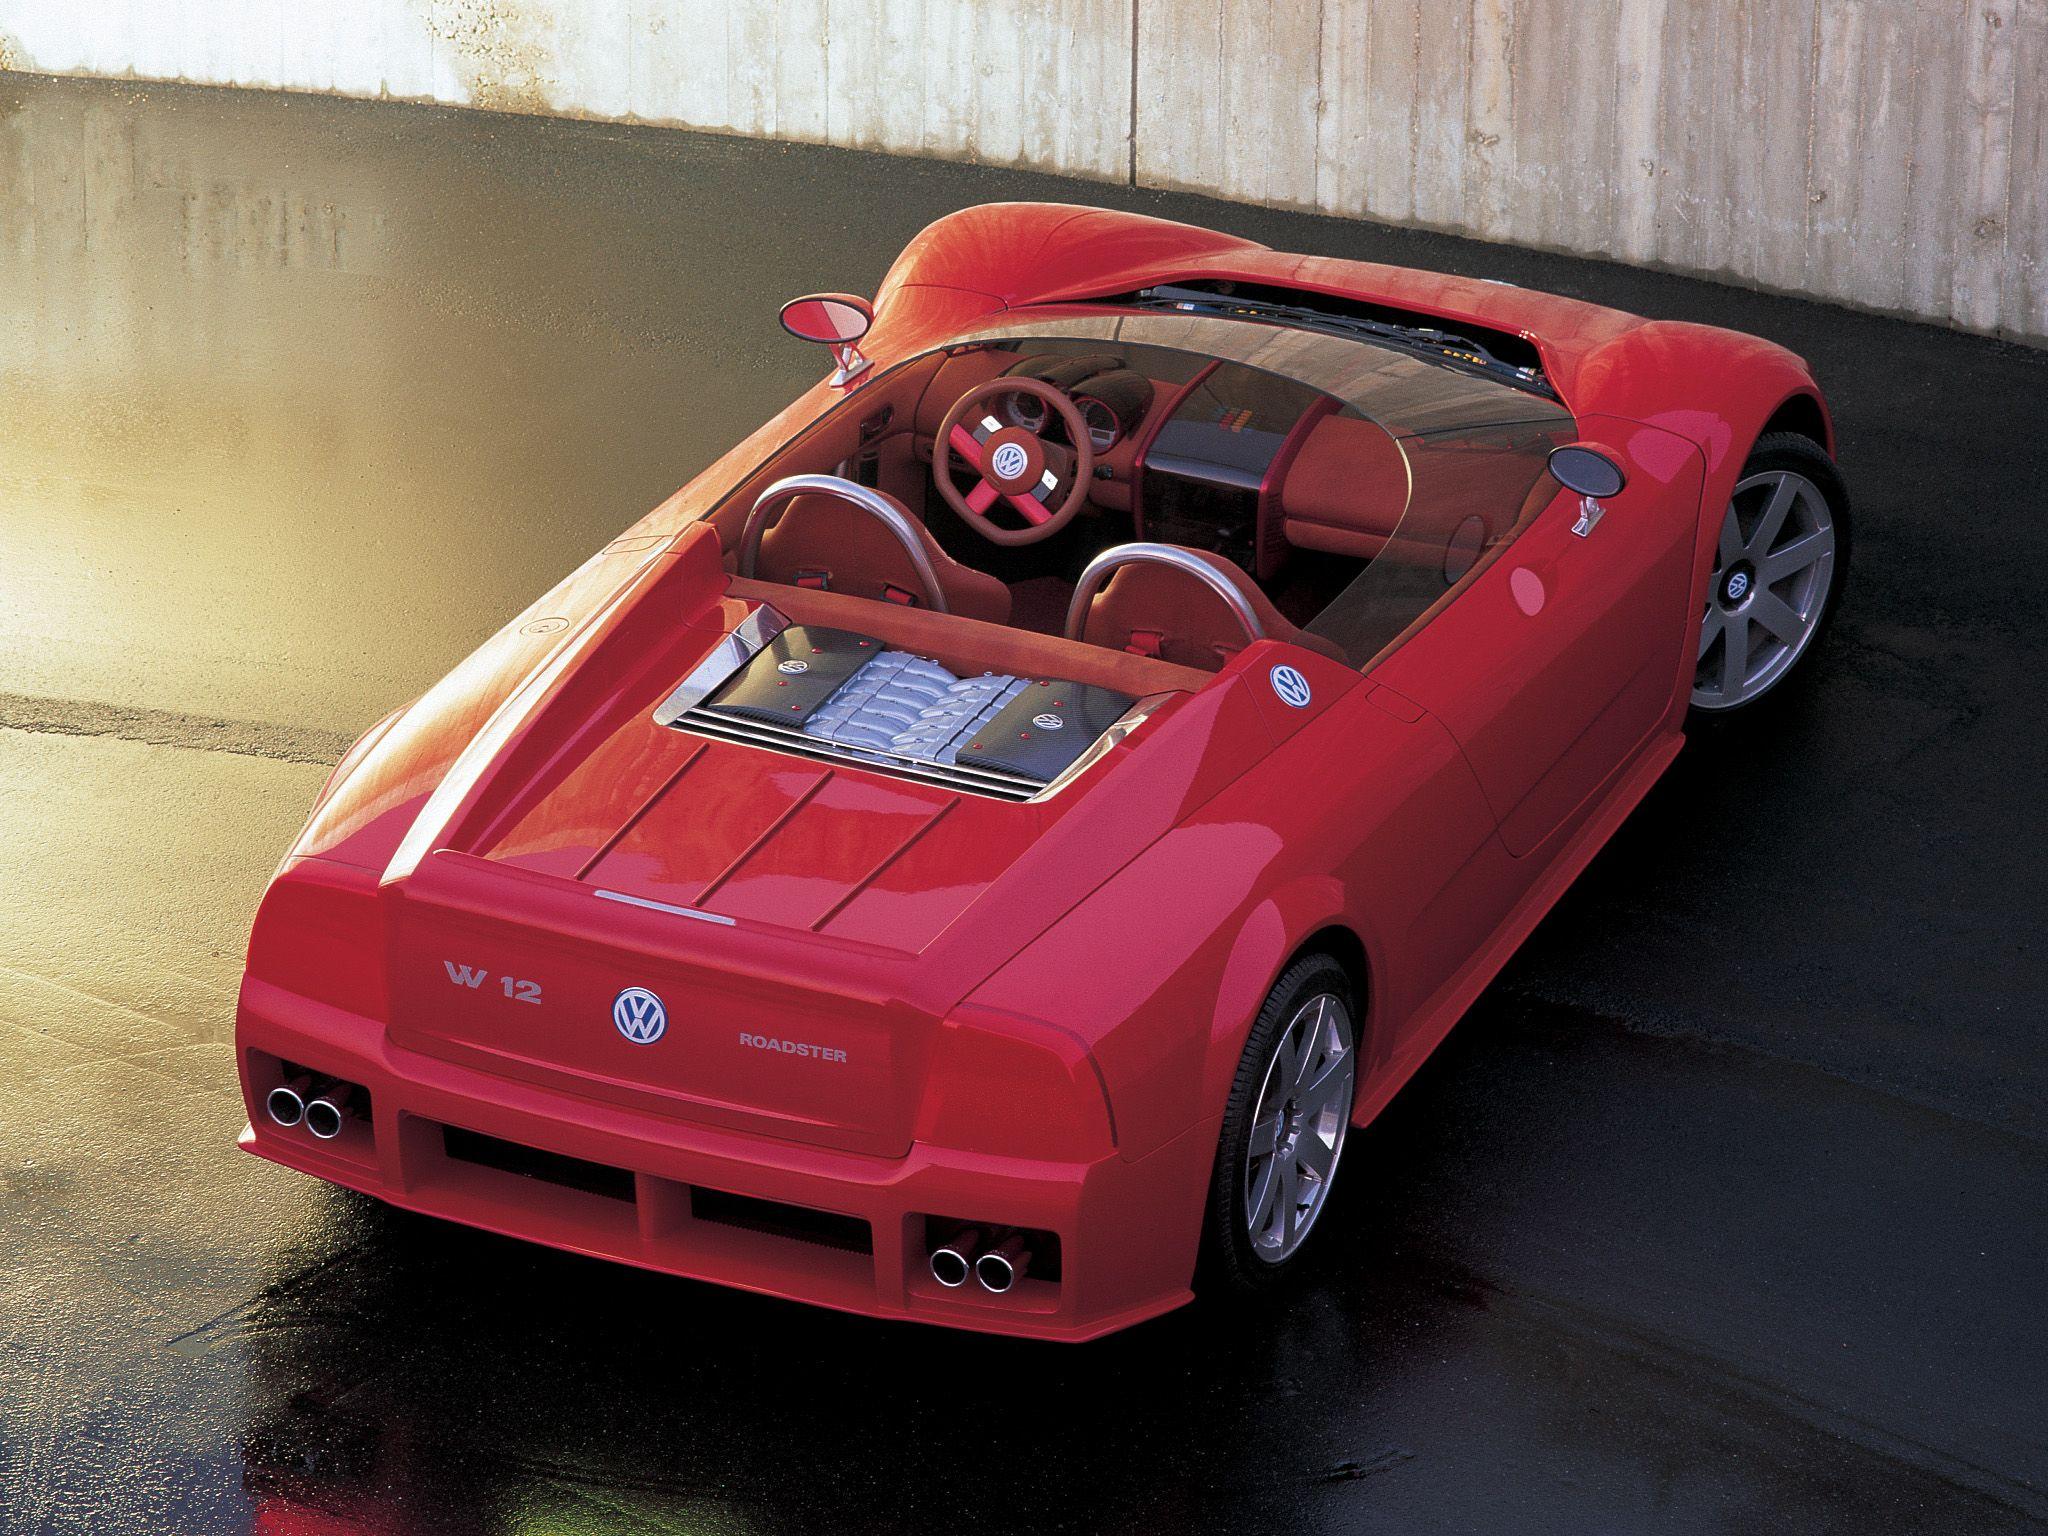 Volkswagen W12 Roadster Concept 1998